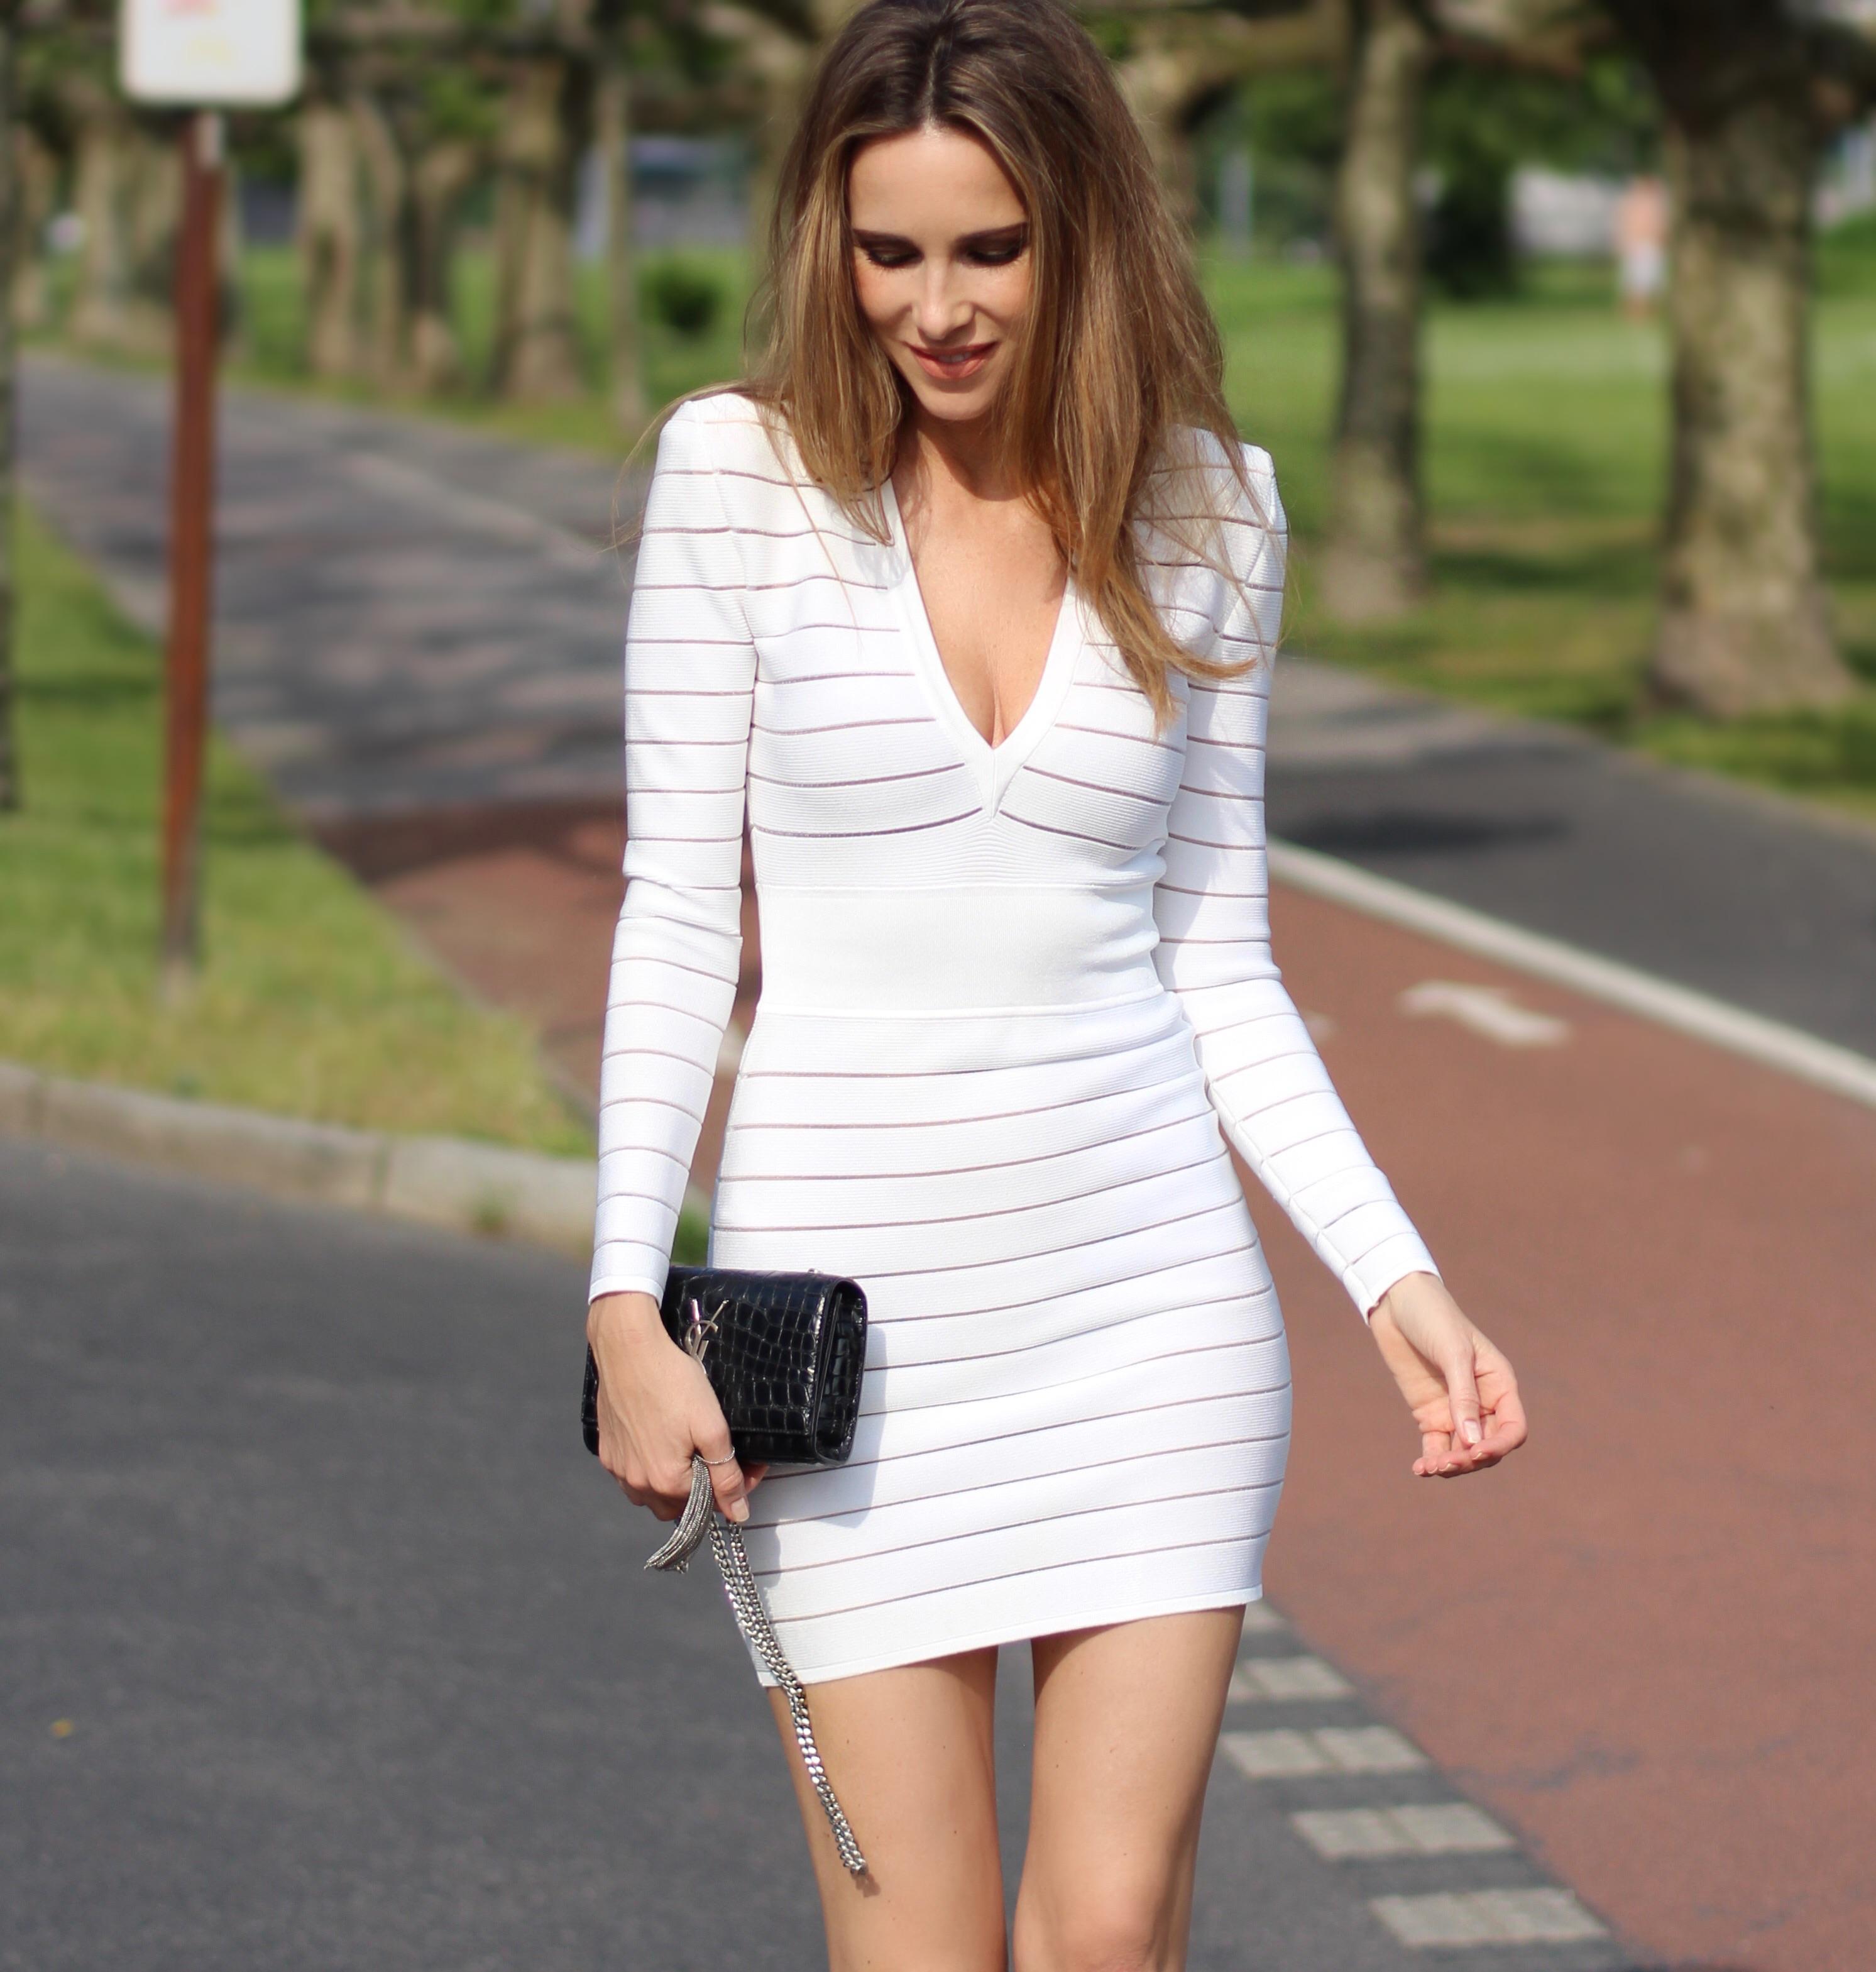 ... Topshop · Alexandra Lapp wearing a white dress from Balmain, Saint Laurent, ...